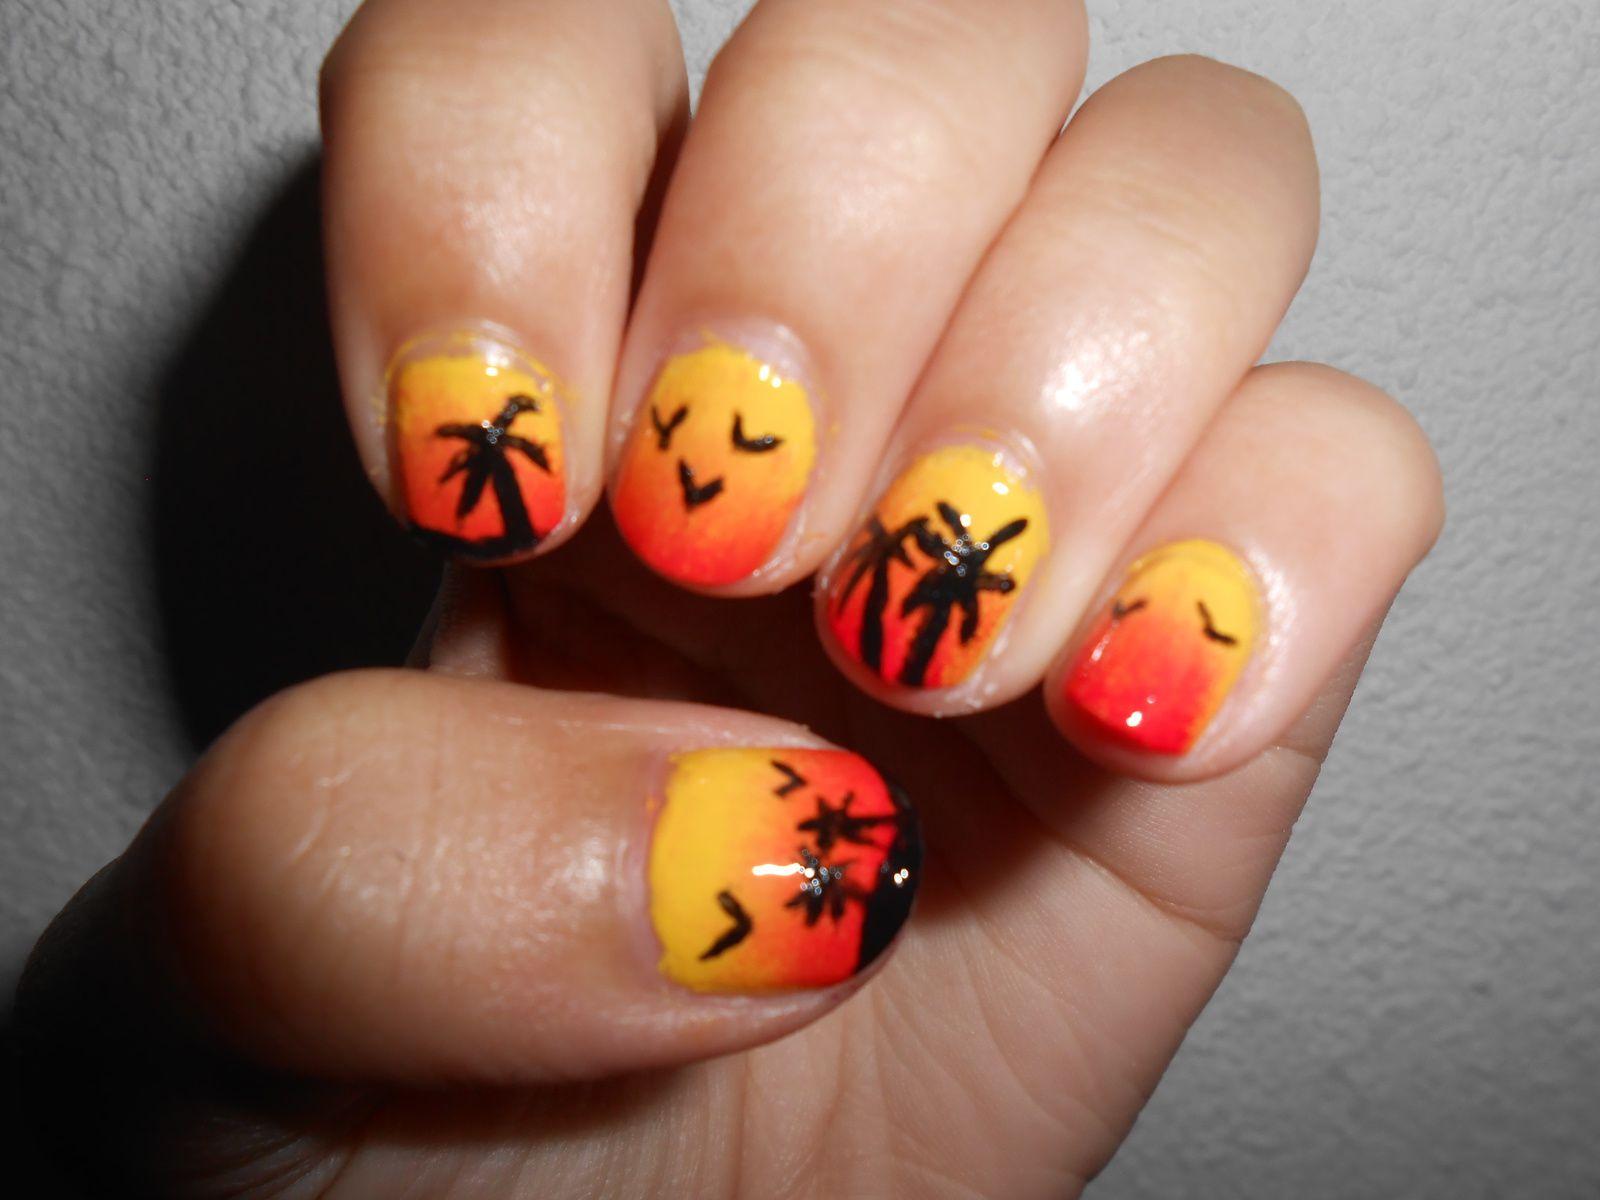 Sunset Nails - L'été arrive !!